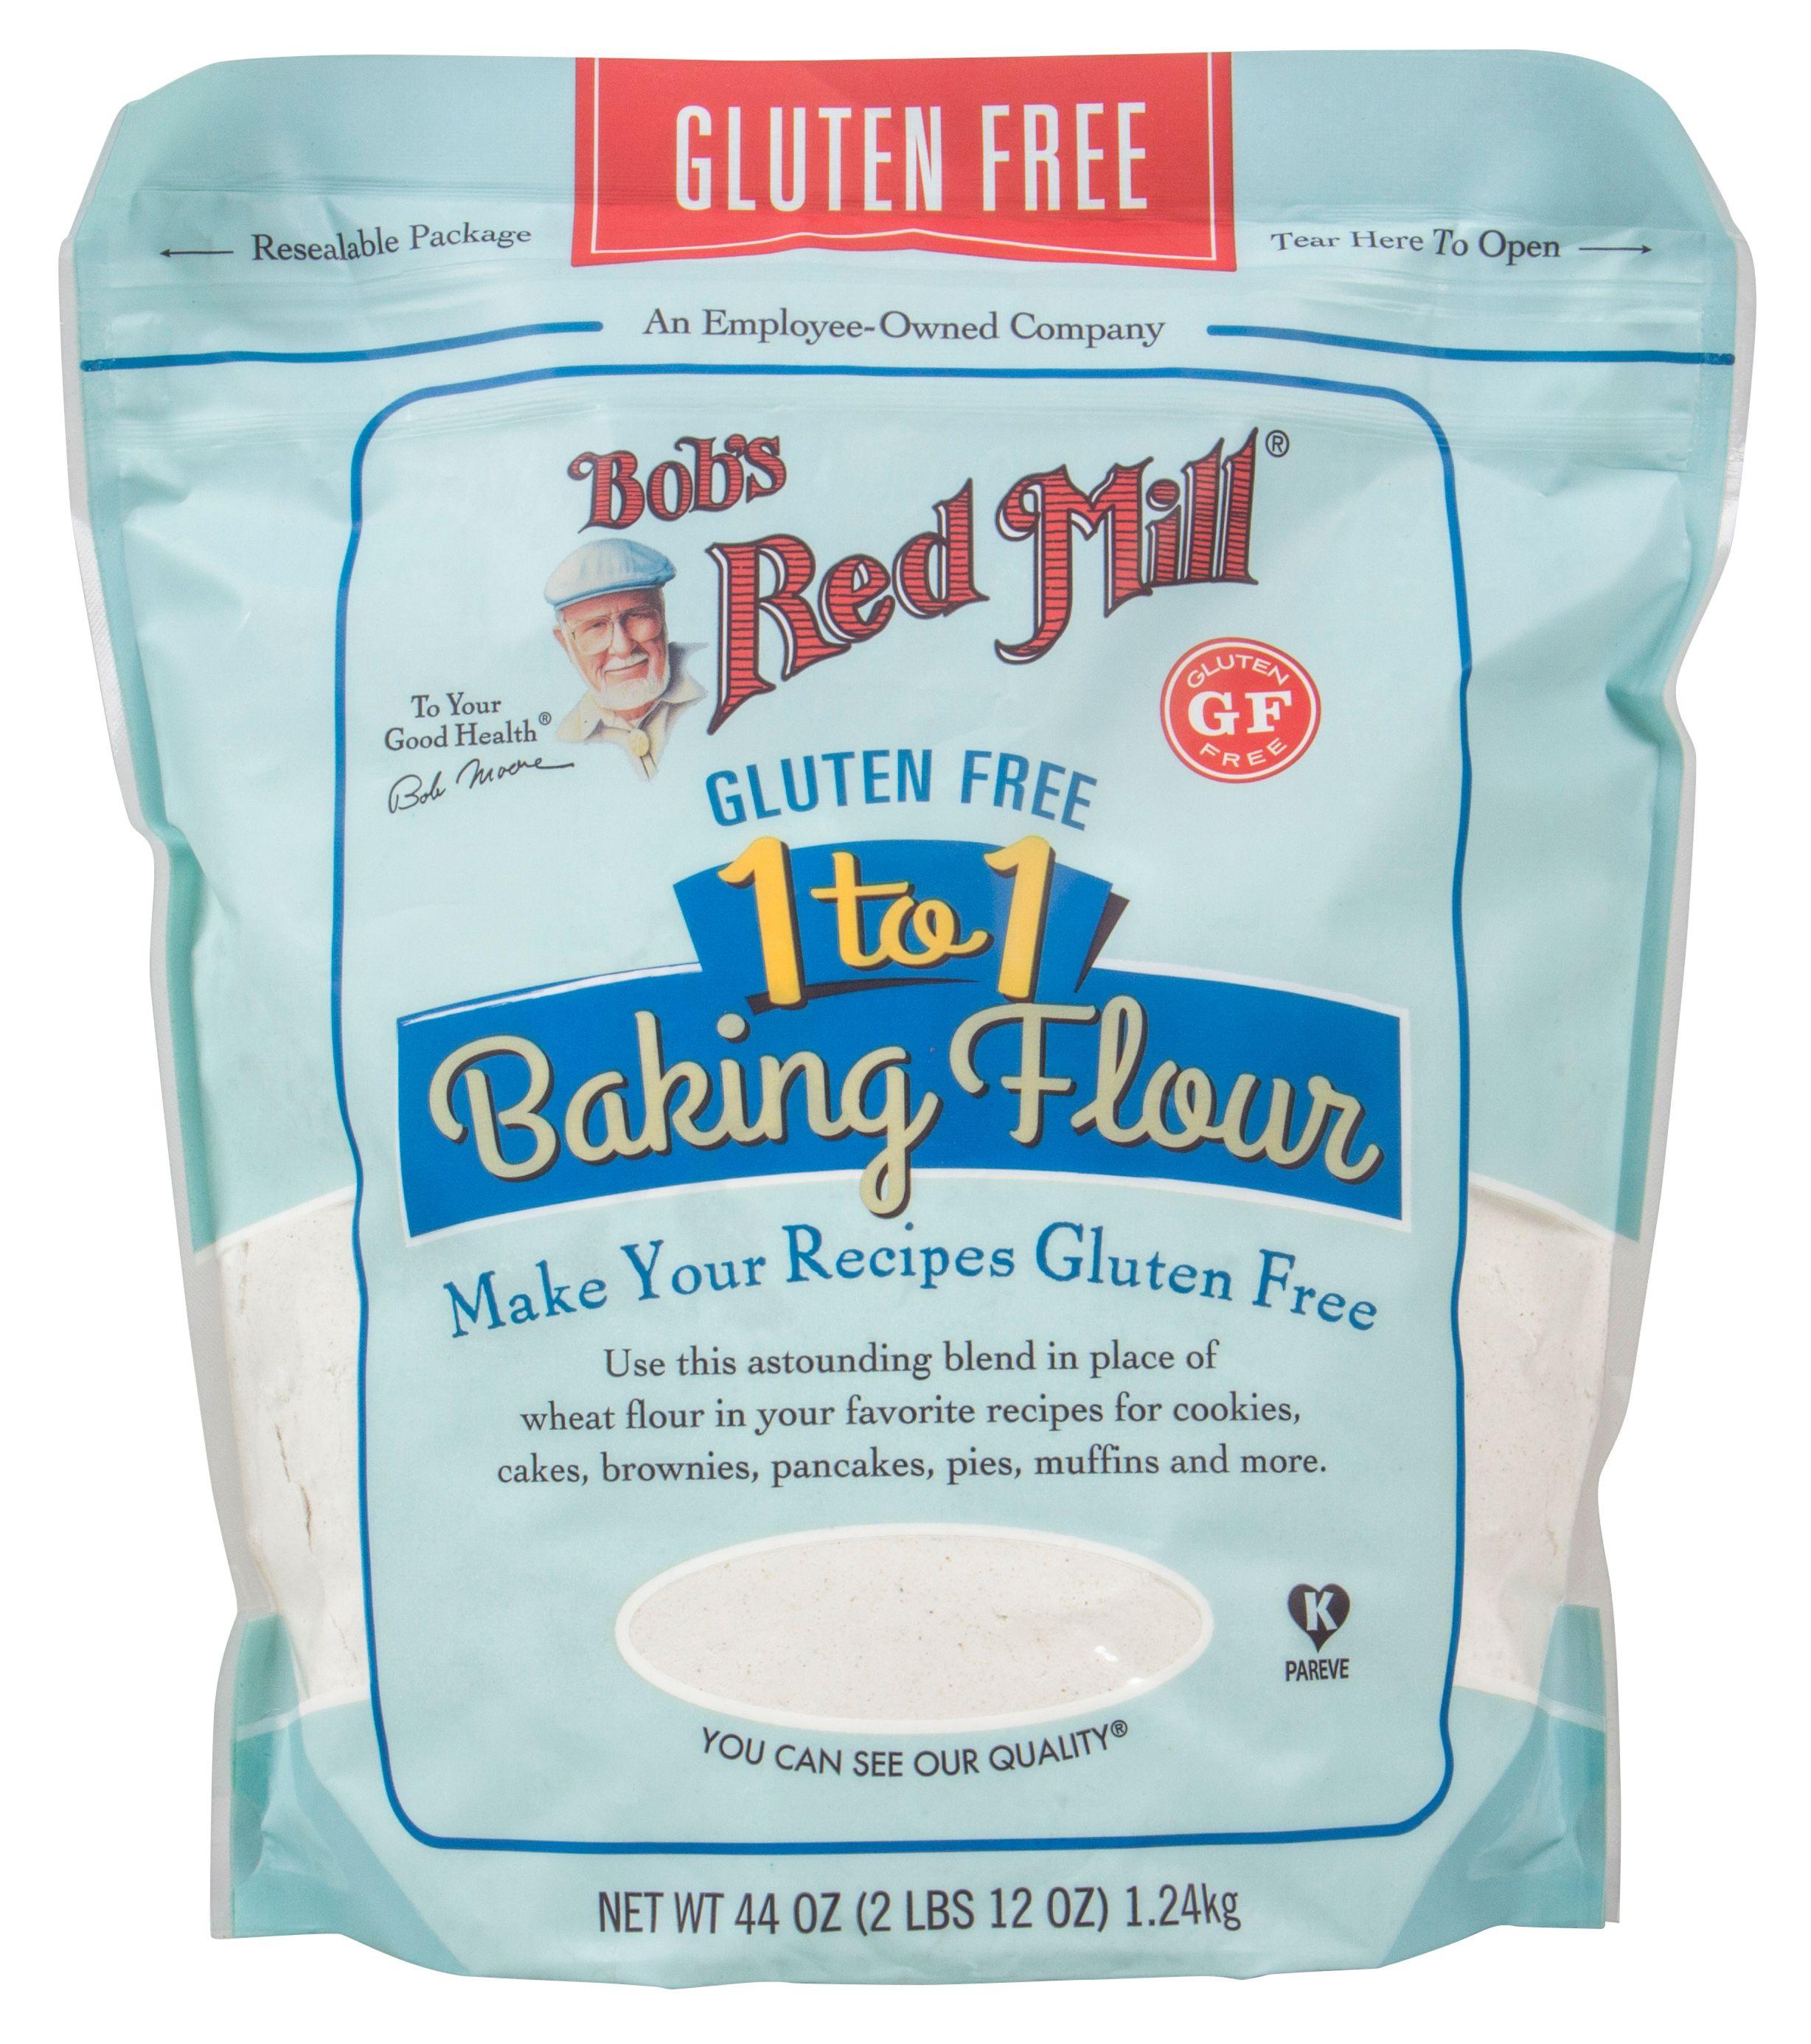 Bobs red mill baking flour 1 to 1 gf baking flour